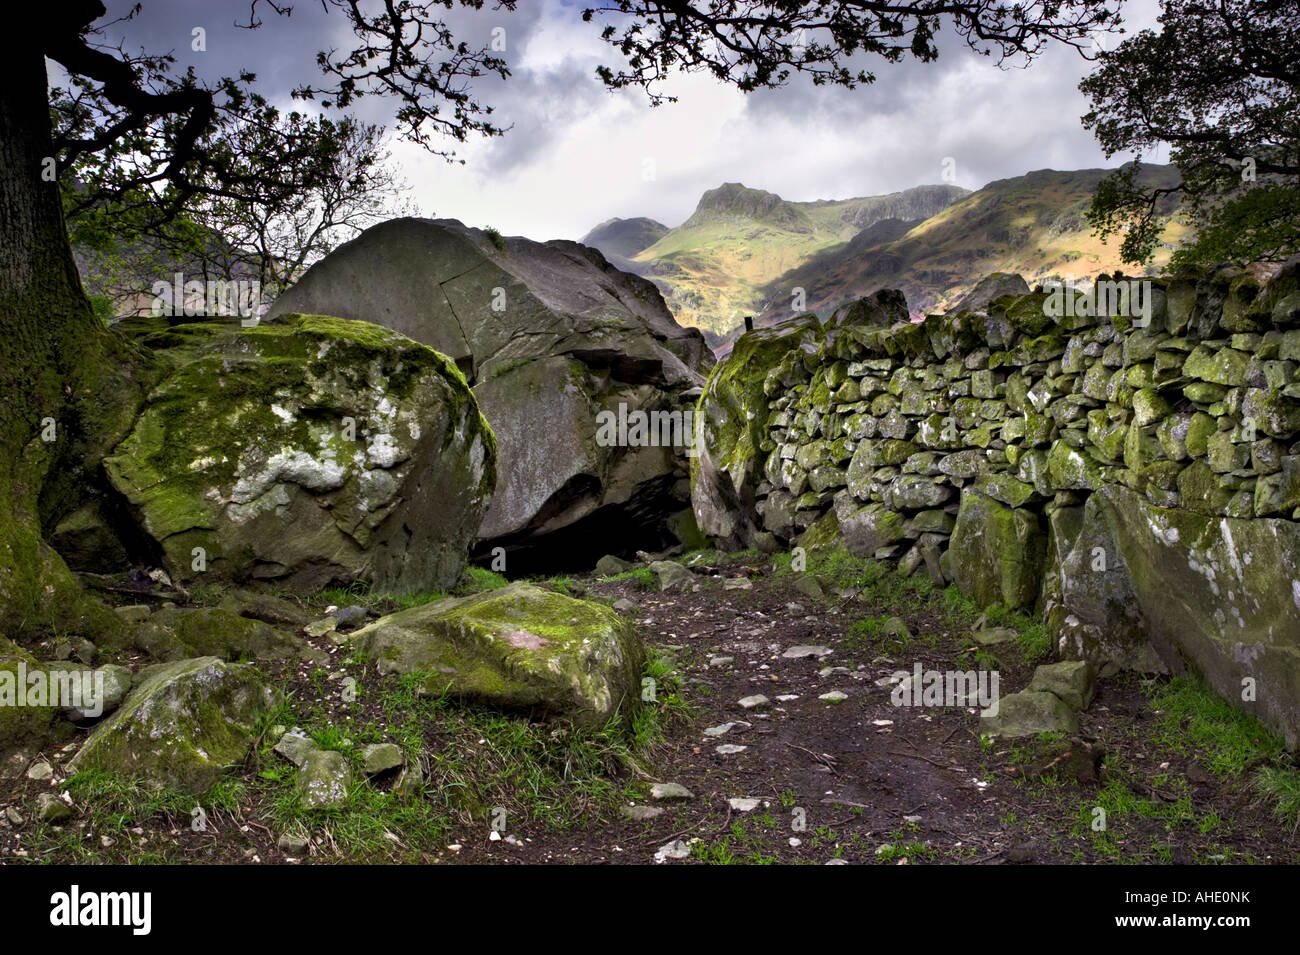 Copt Howe rochers Langdale à Great Langdale avec les Langdale Pikes dans la distance. Parc National de Lake District, UK Banque D'Images